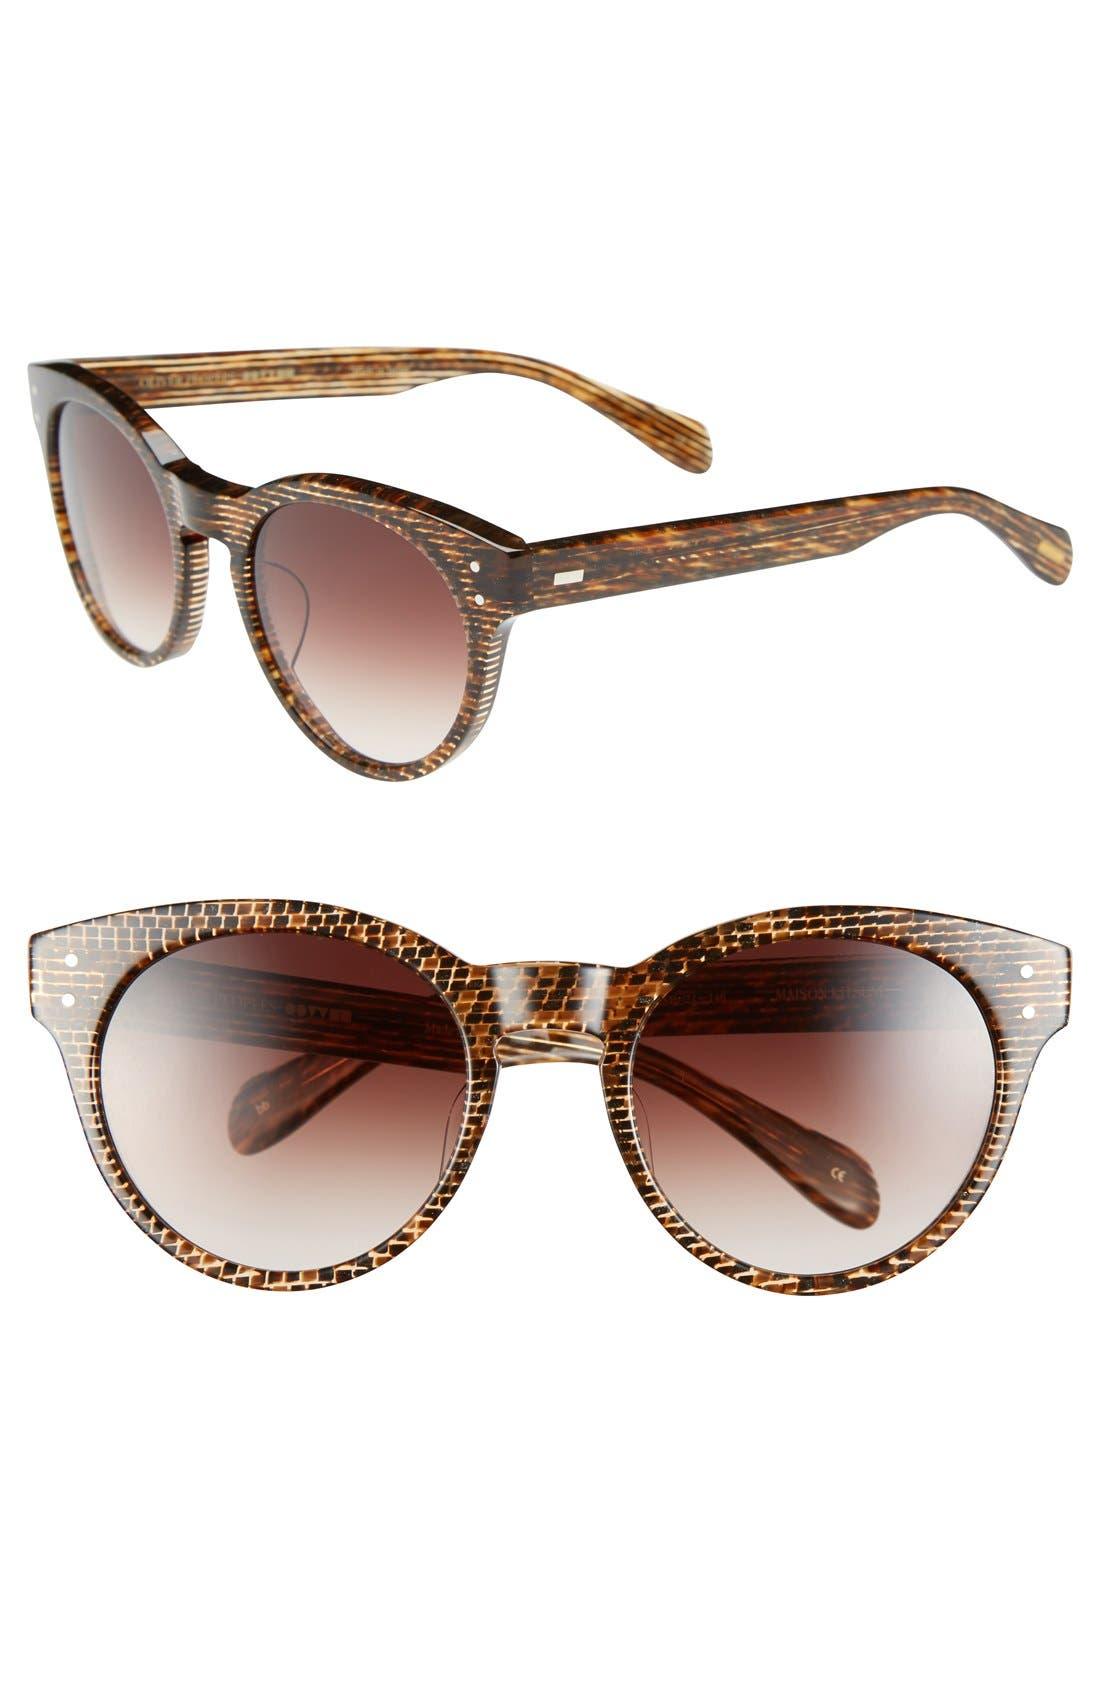 Main Image - Oliver Peoples x Maison Kitsuné 'Paris' 51mm Retro Sunglasses